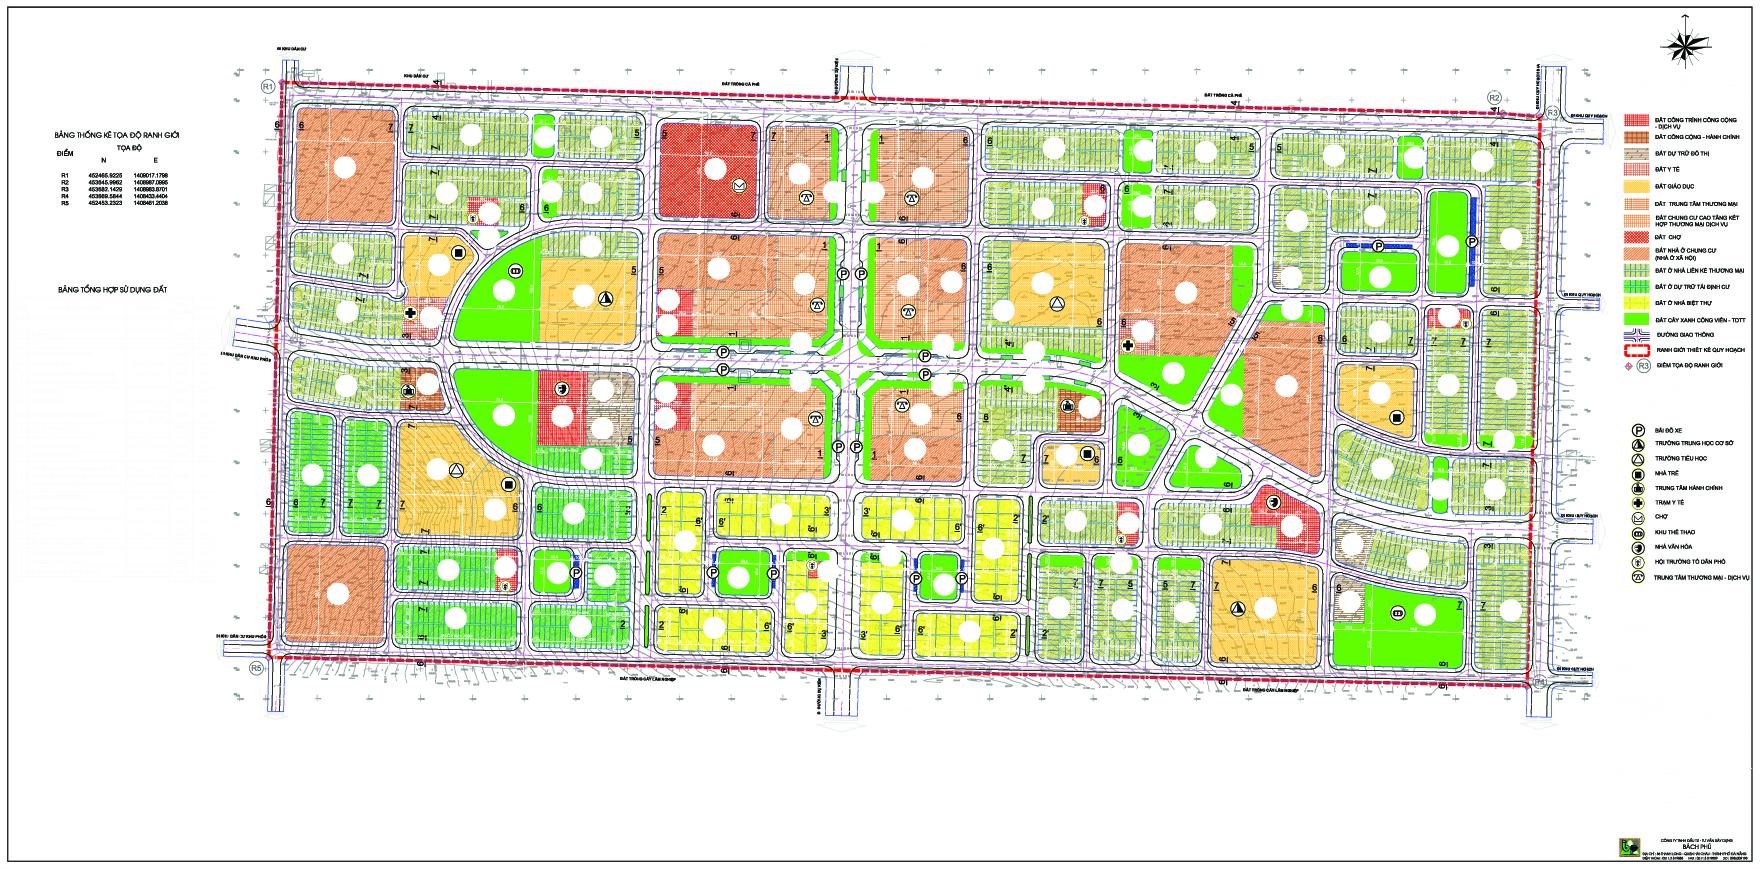 Tách danh mục quy hoạch chi tiết xây dựng tỷ lệ 1/500 Khu dân cư phía Tây Nam thị trấn Ea Kar, huyện Ea Kar.